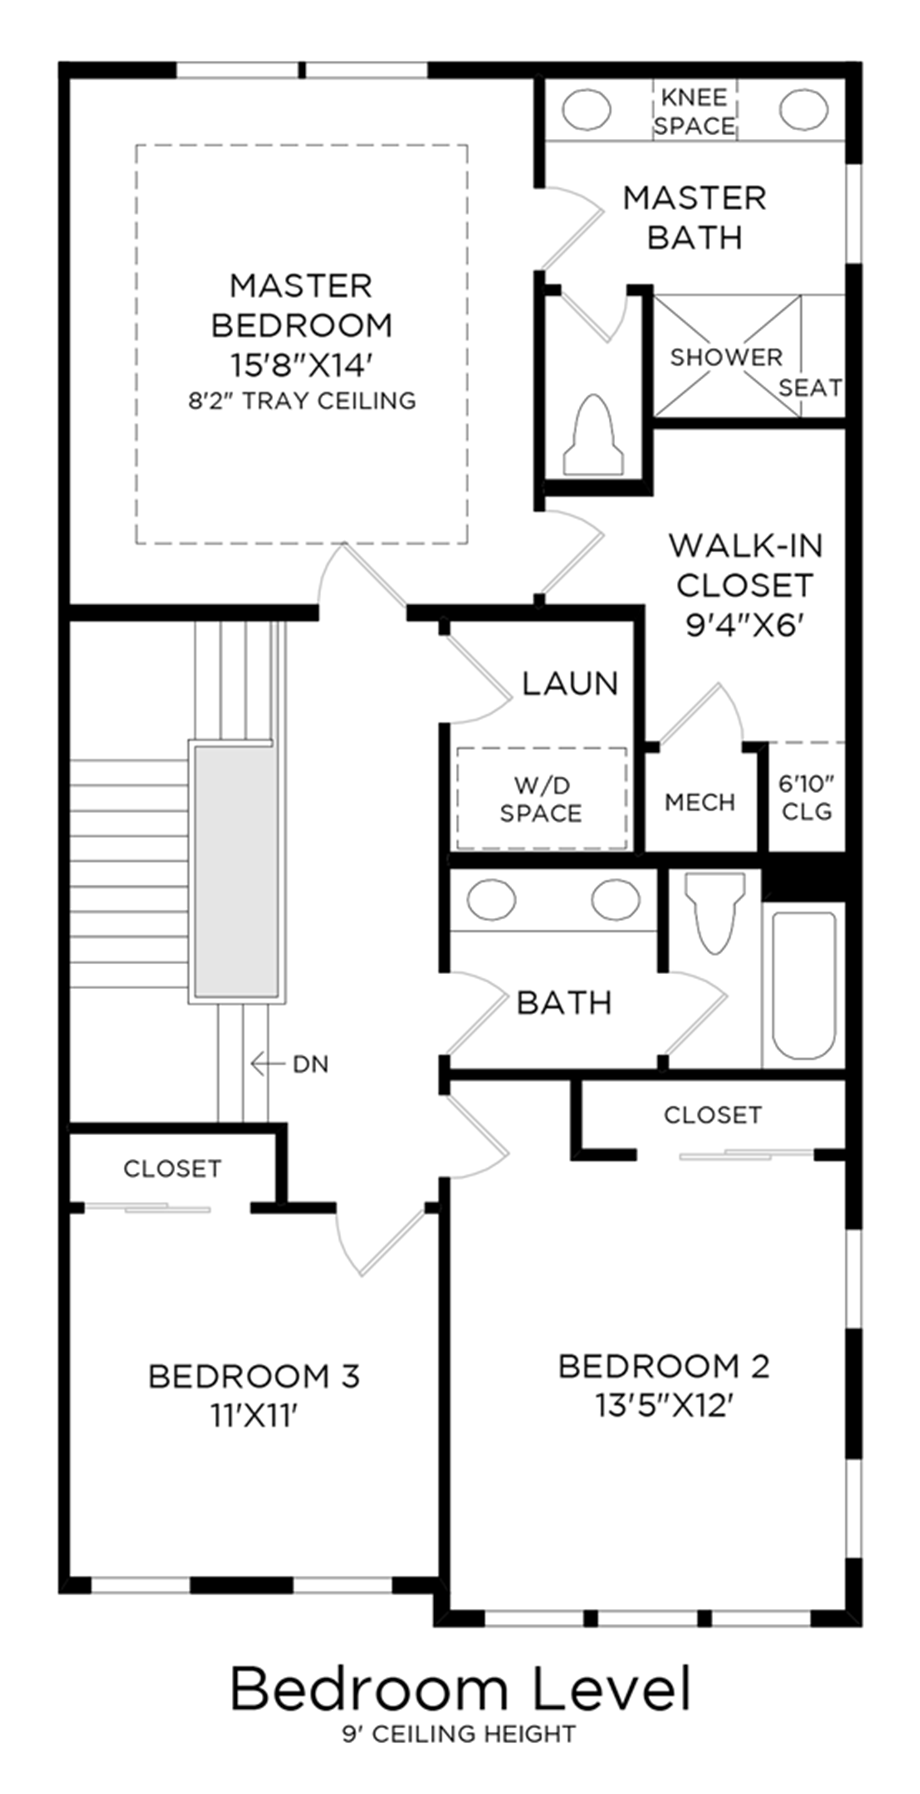 Bedroom Level